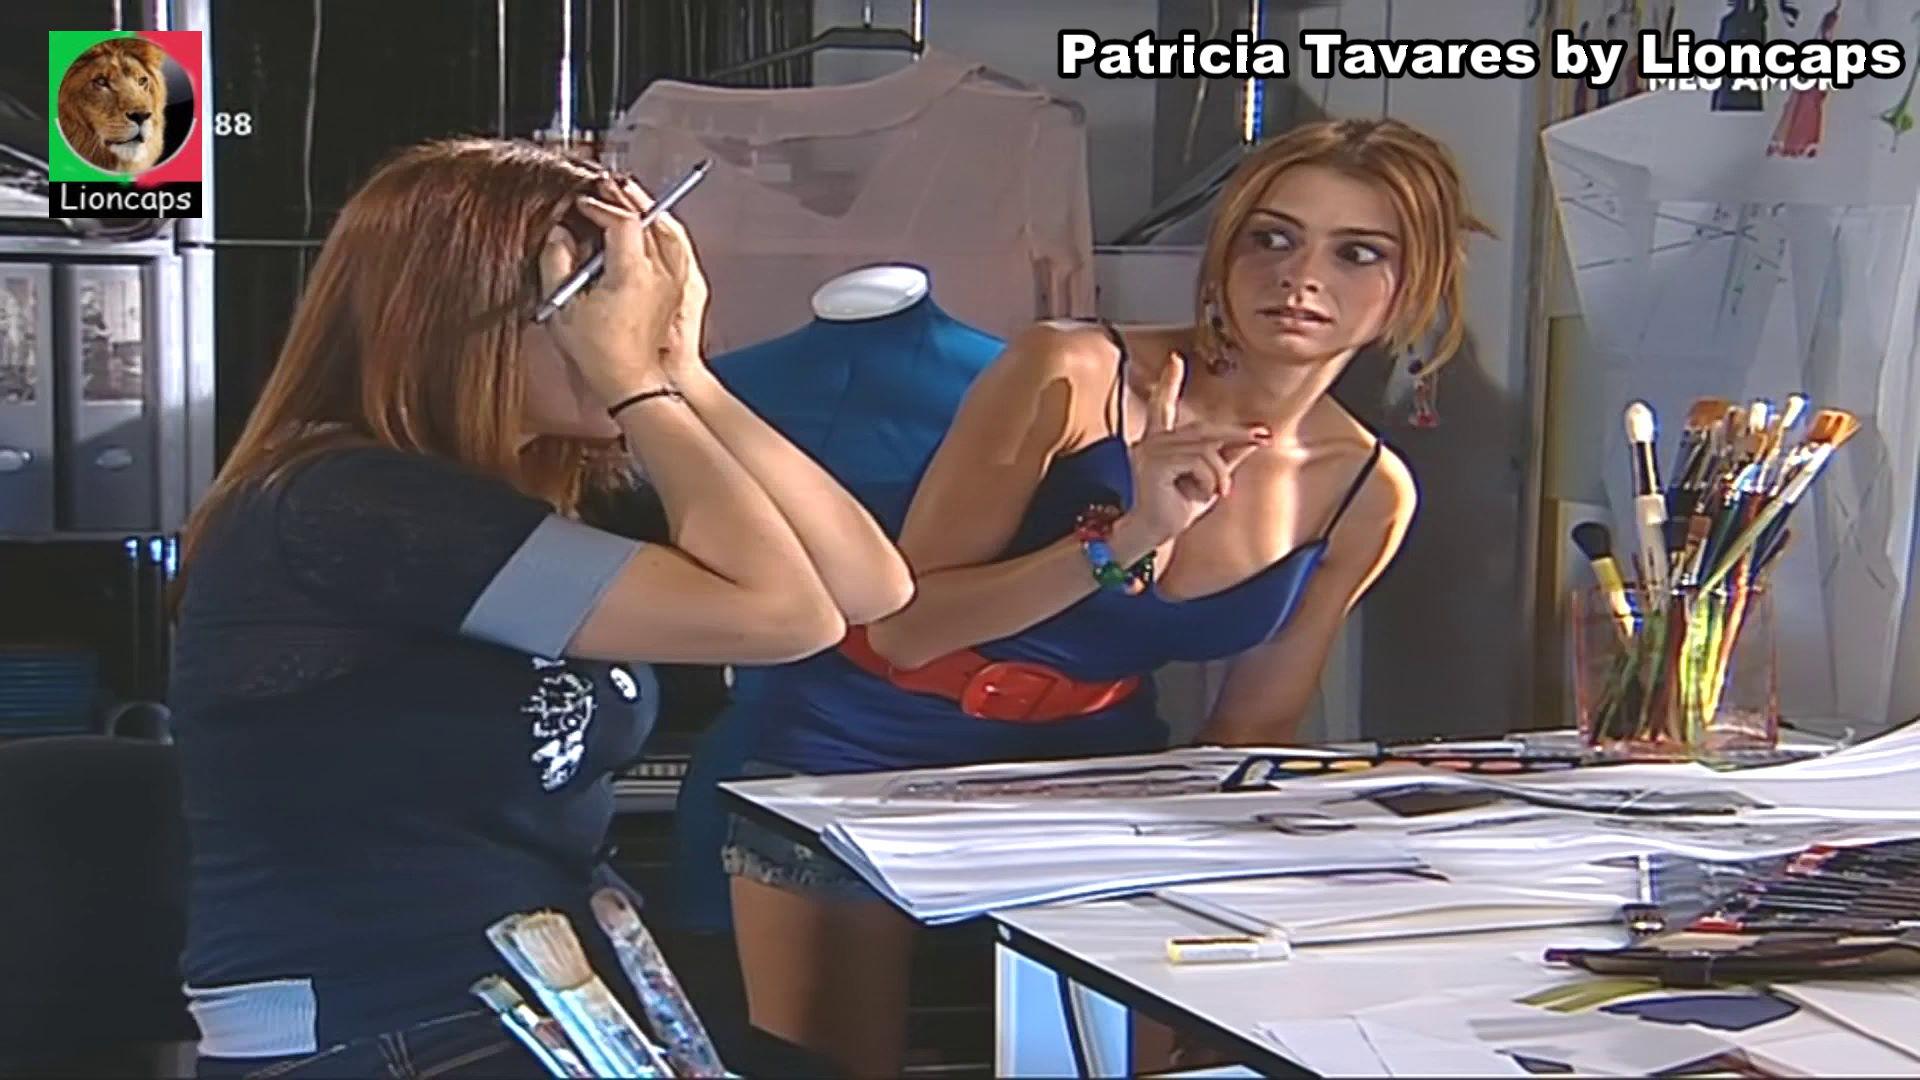 160223394_patricia_tavares_vs200325_12311_122_142lo.JPG